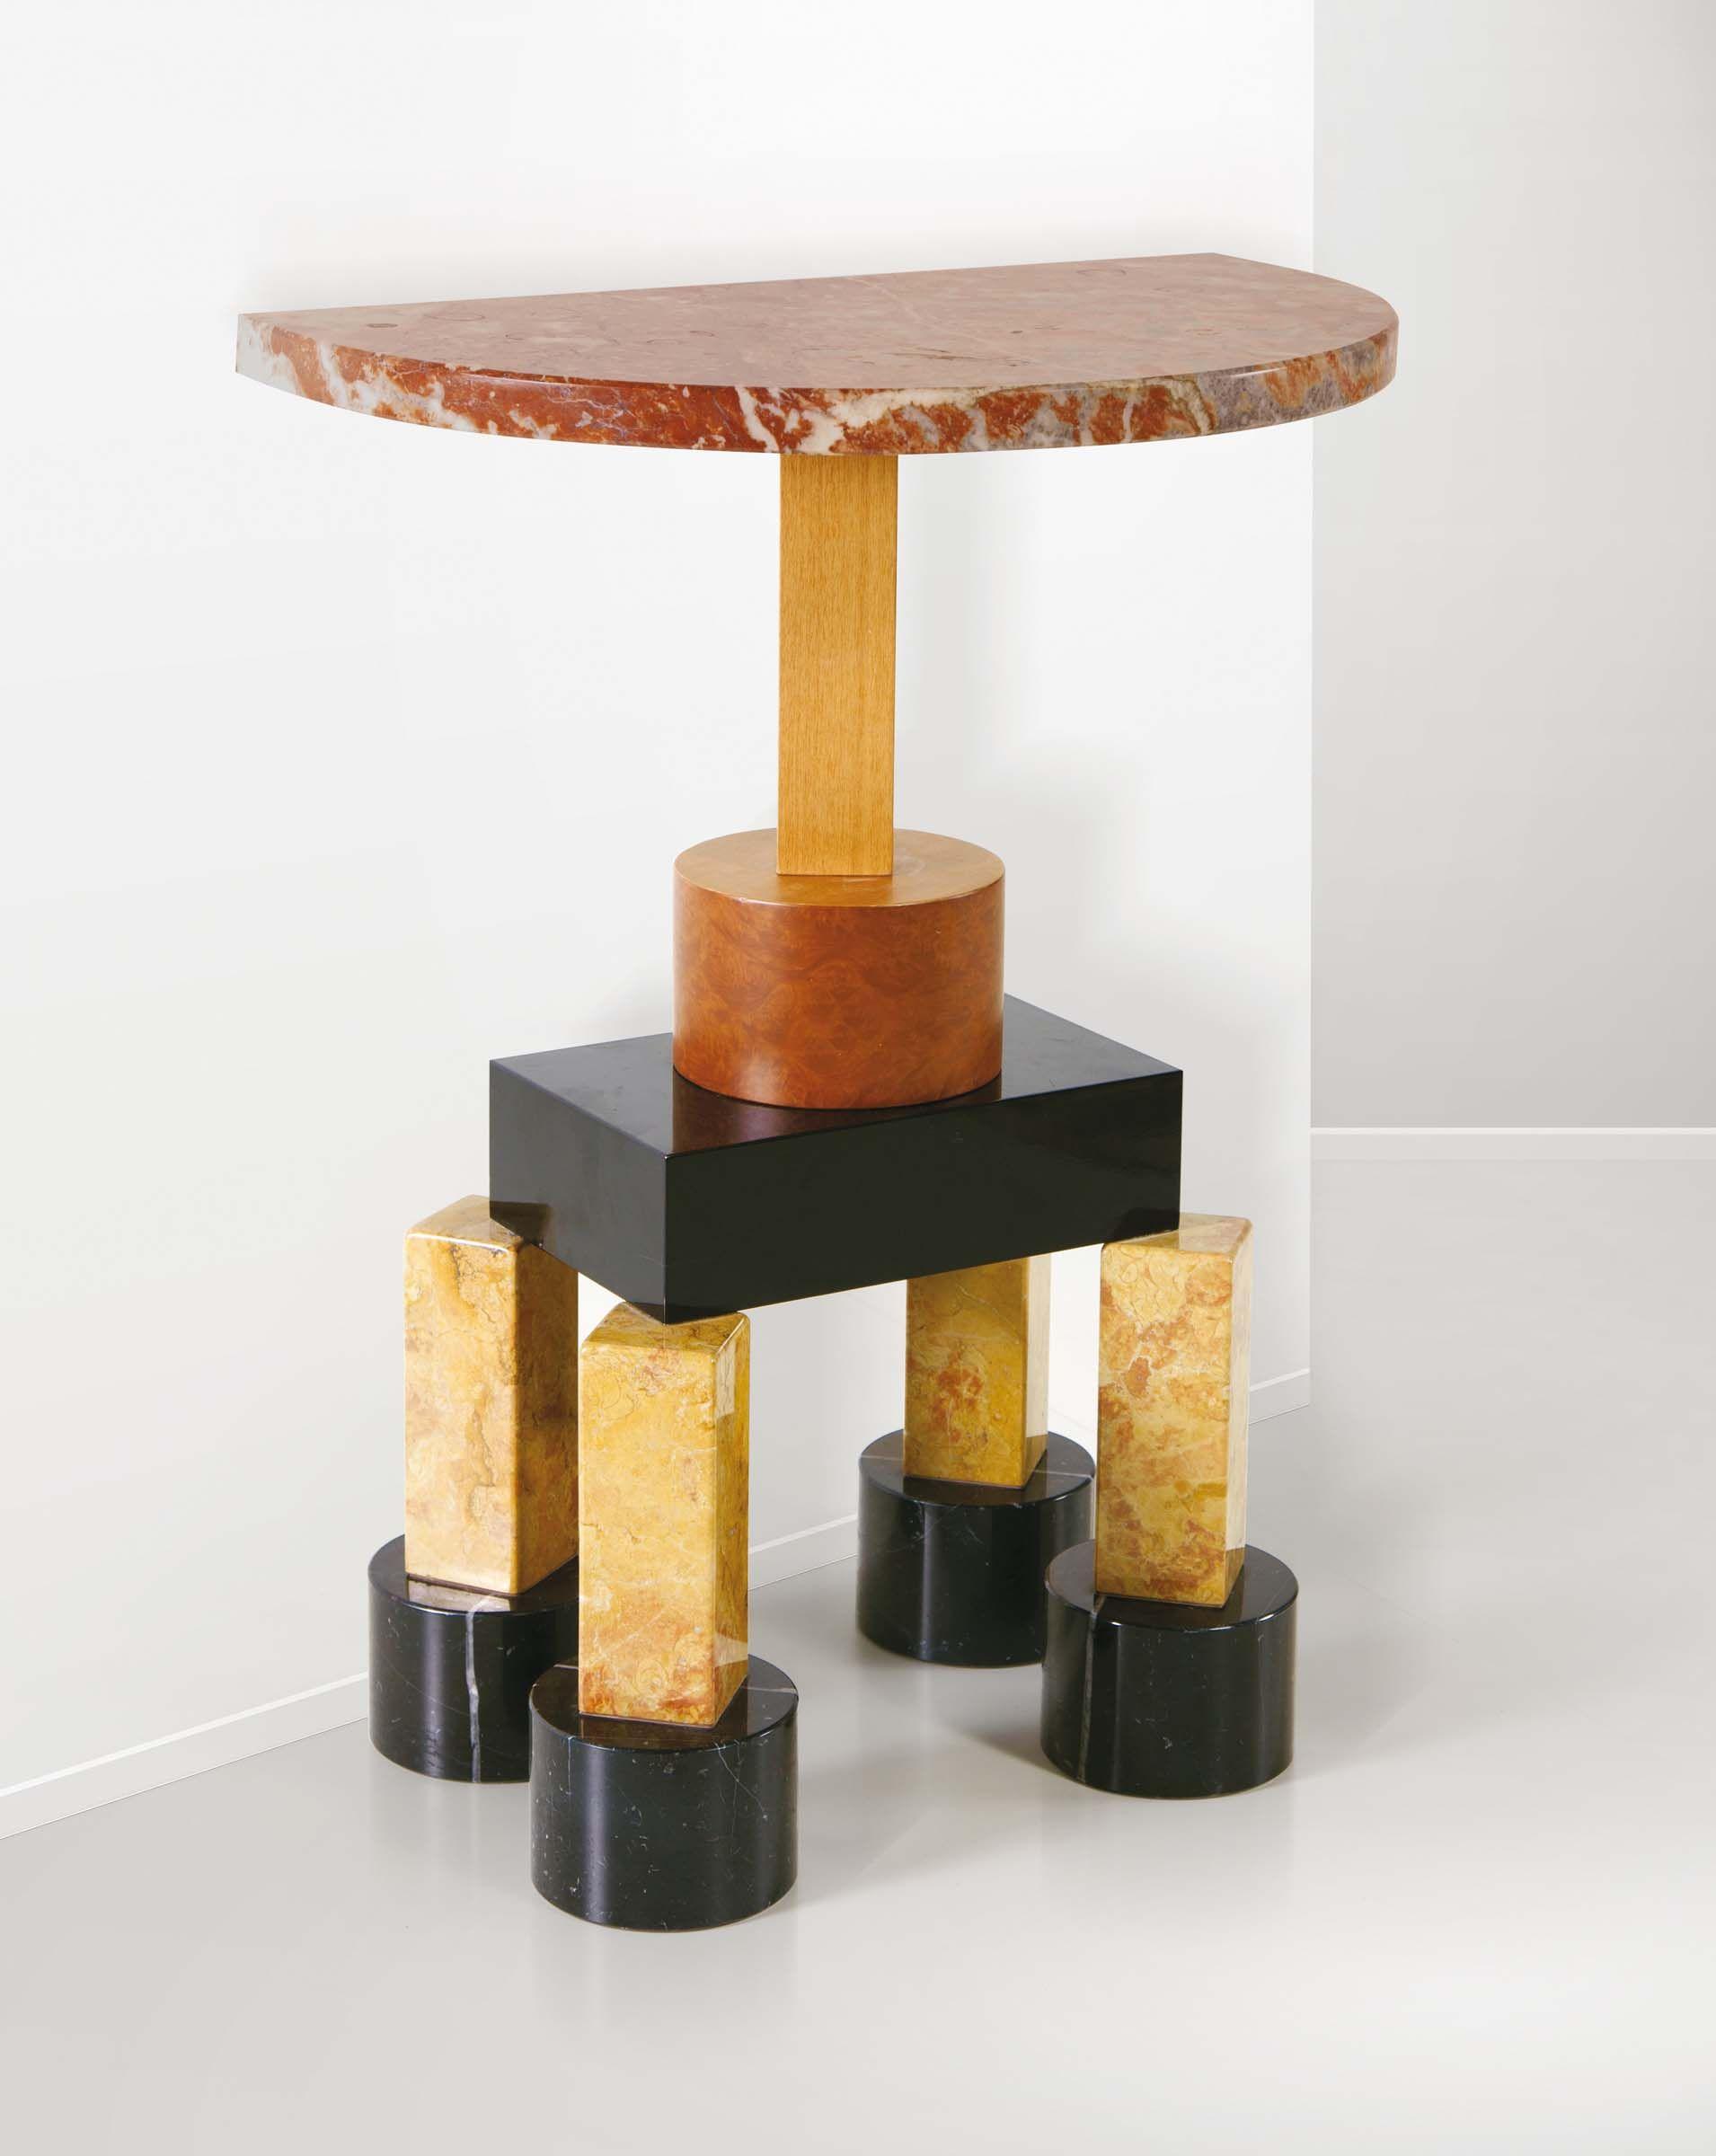 memphis design furniture. Ettore Sottsass, Consolle Demistella In Marmo E Legno, Prod. Italia, 1990 Ca. Furniture DesignUp And UpMemphis Memphis Design